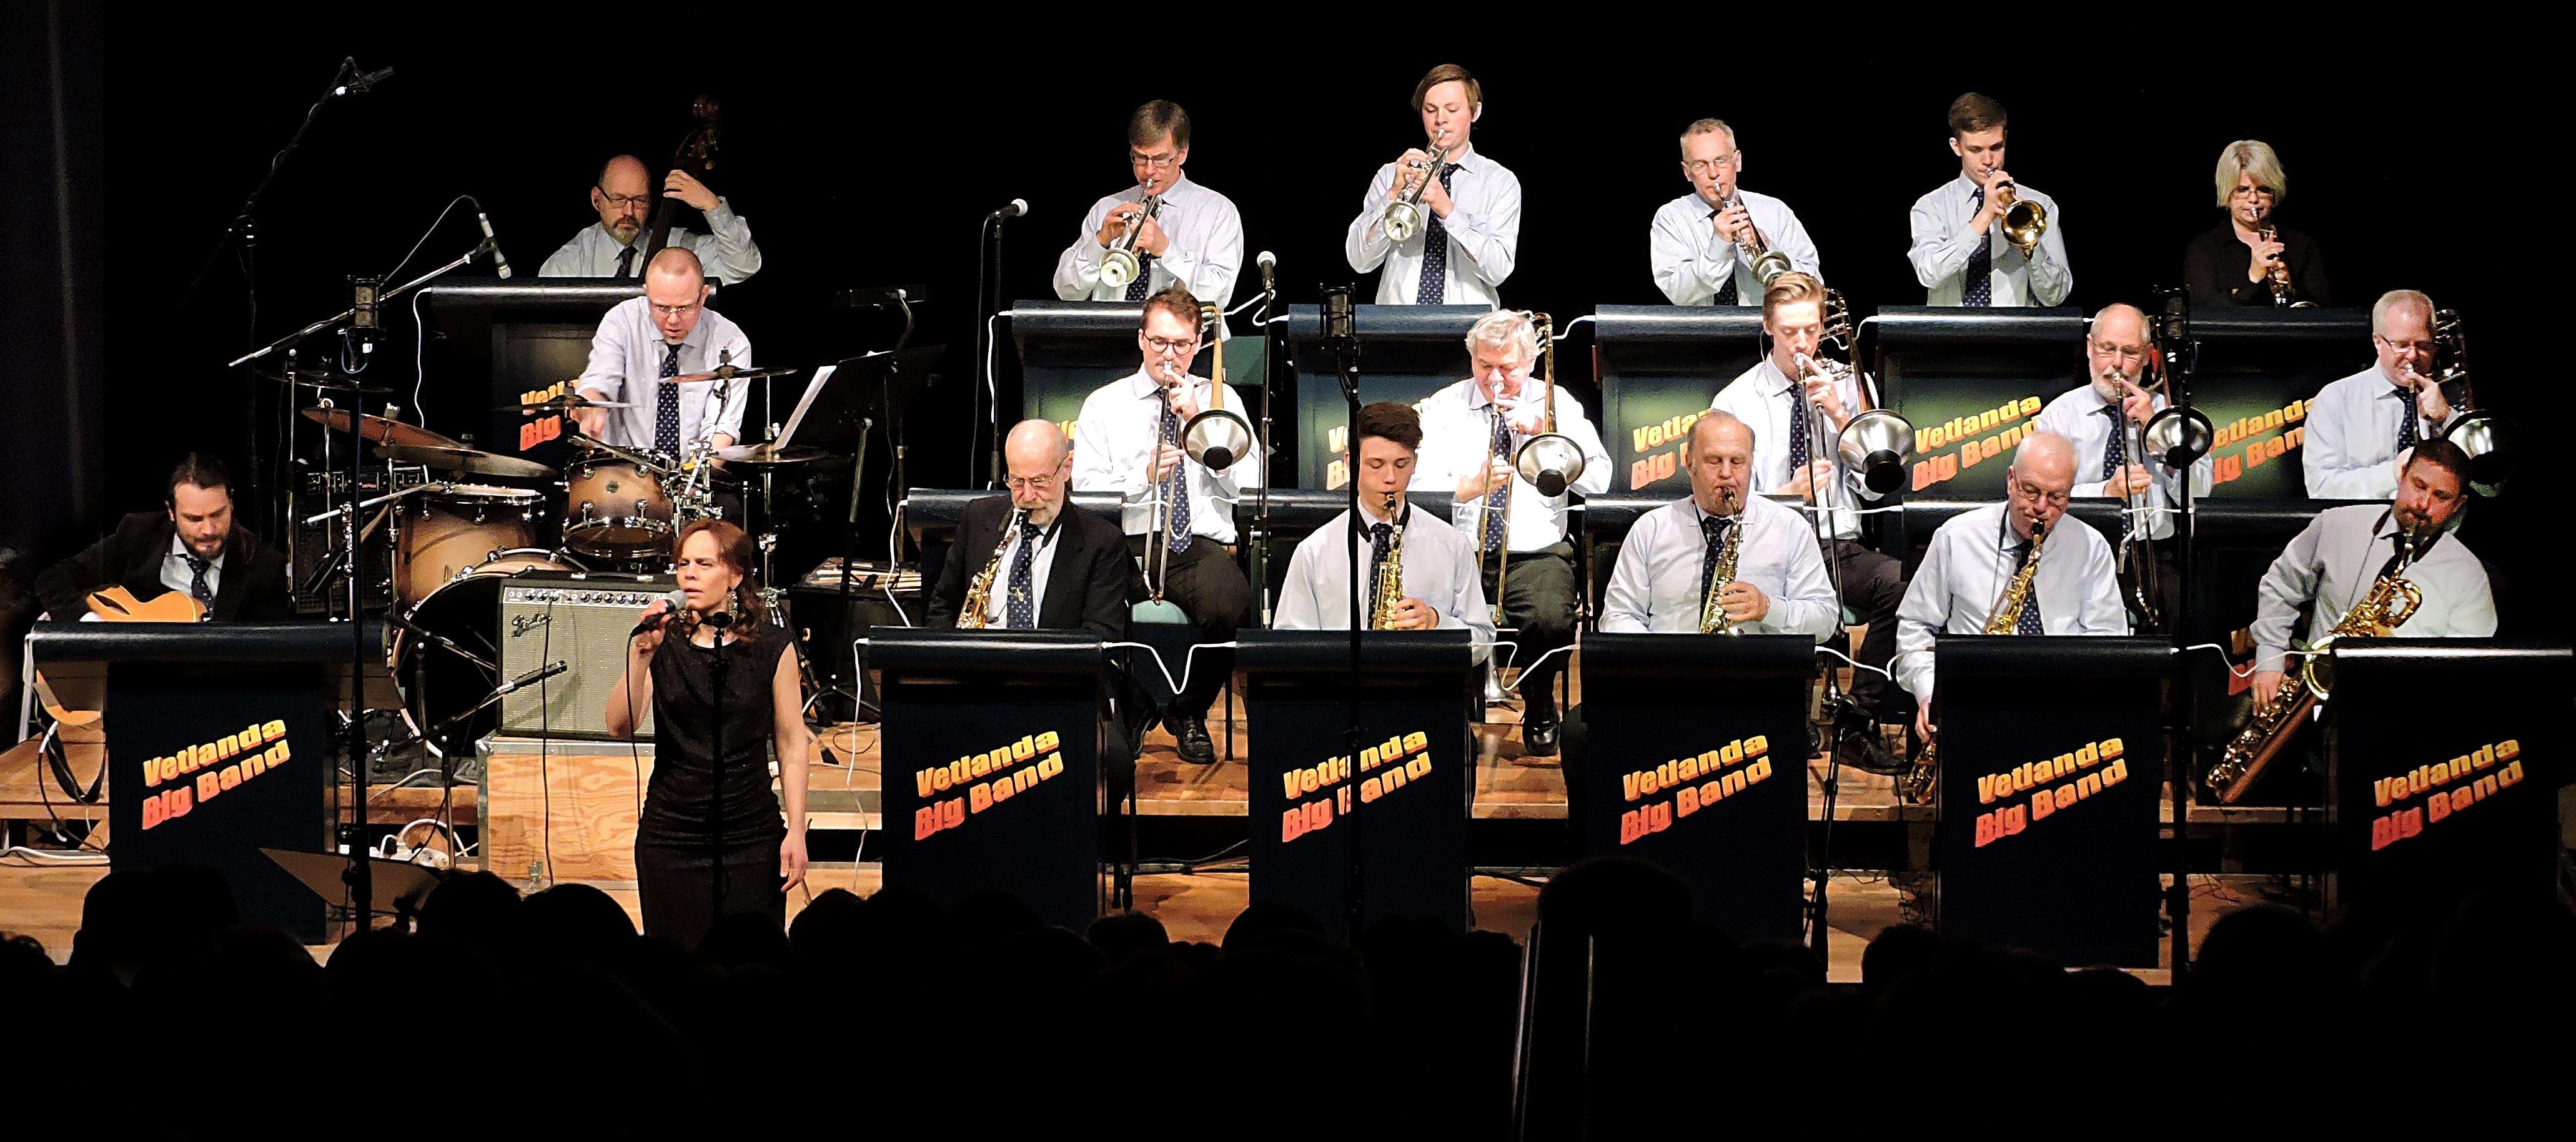 Storbandskonsert med Vetlanda Big Band